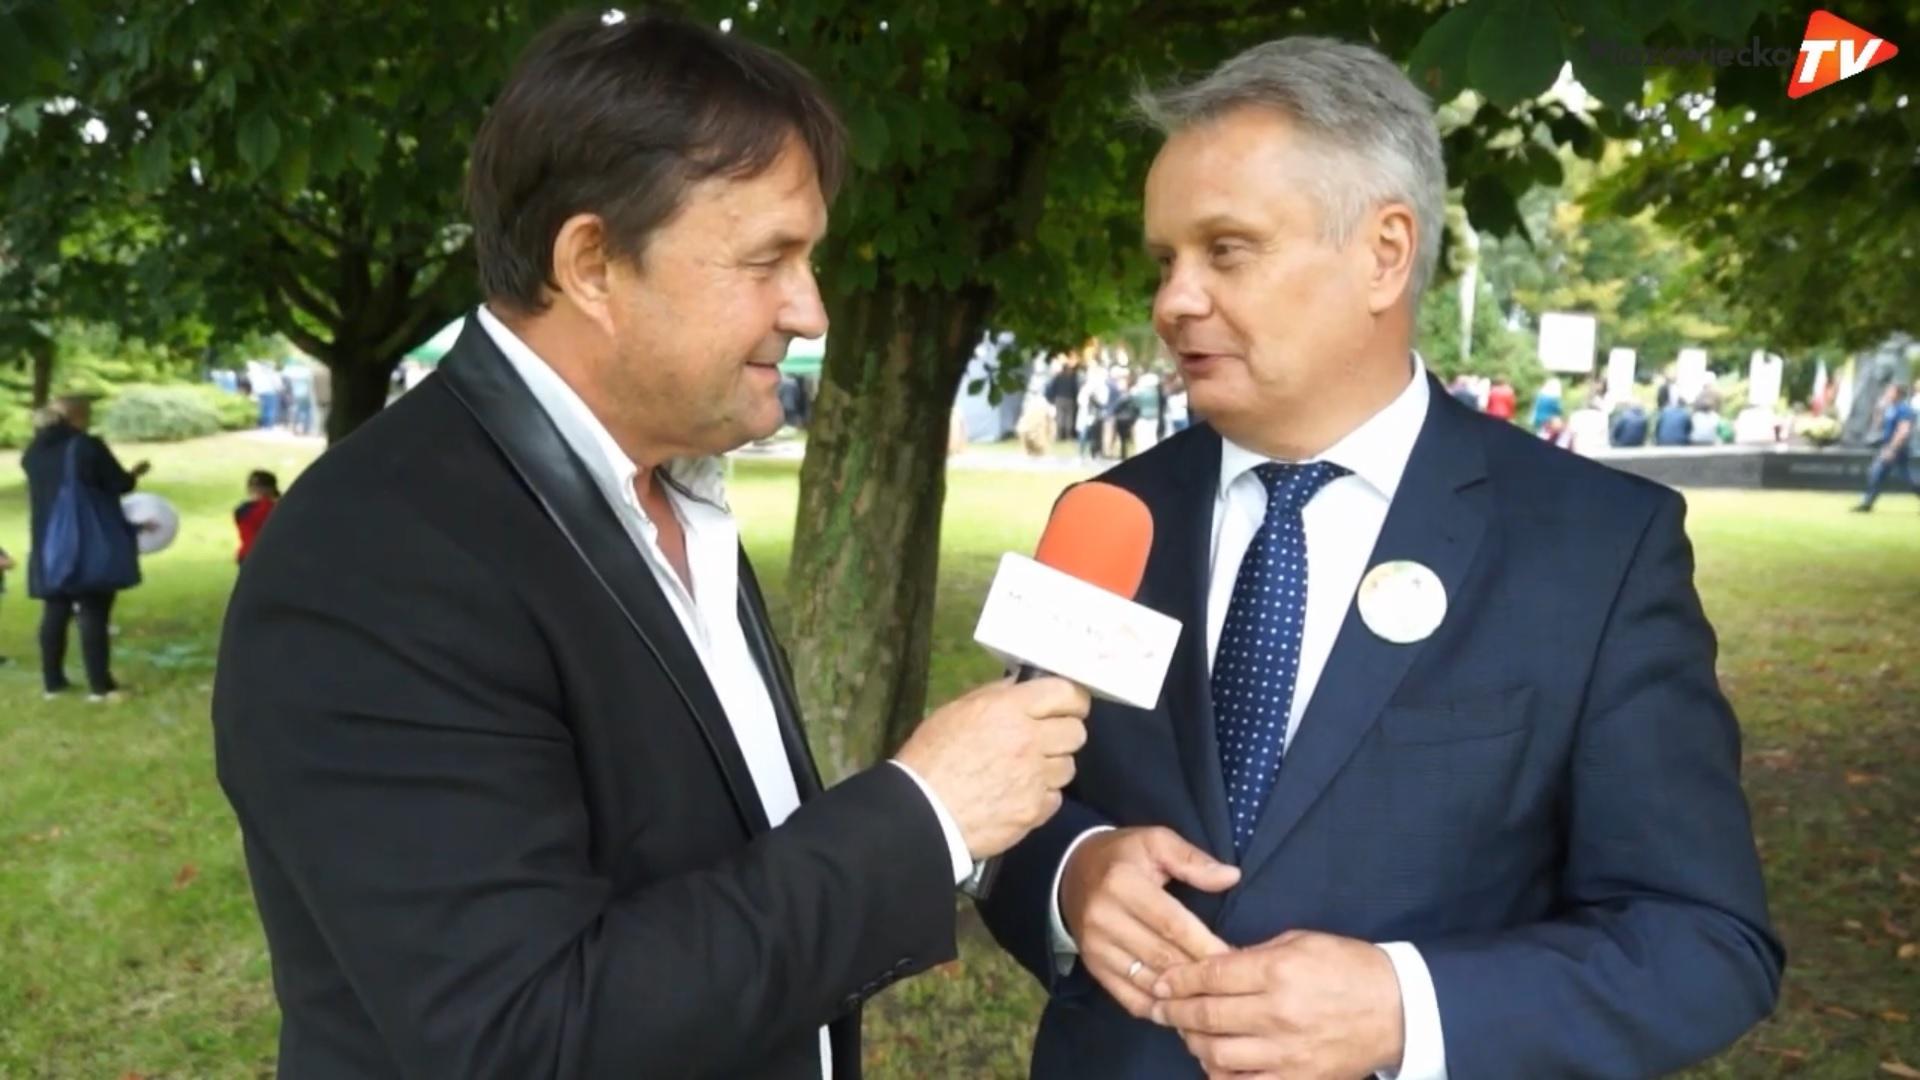 Wywiad z posłem Mirosławem Maliszewskim - Dożynki Powiatu Grójeckiego 2019